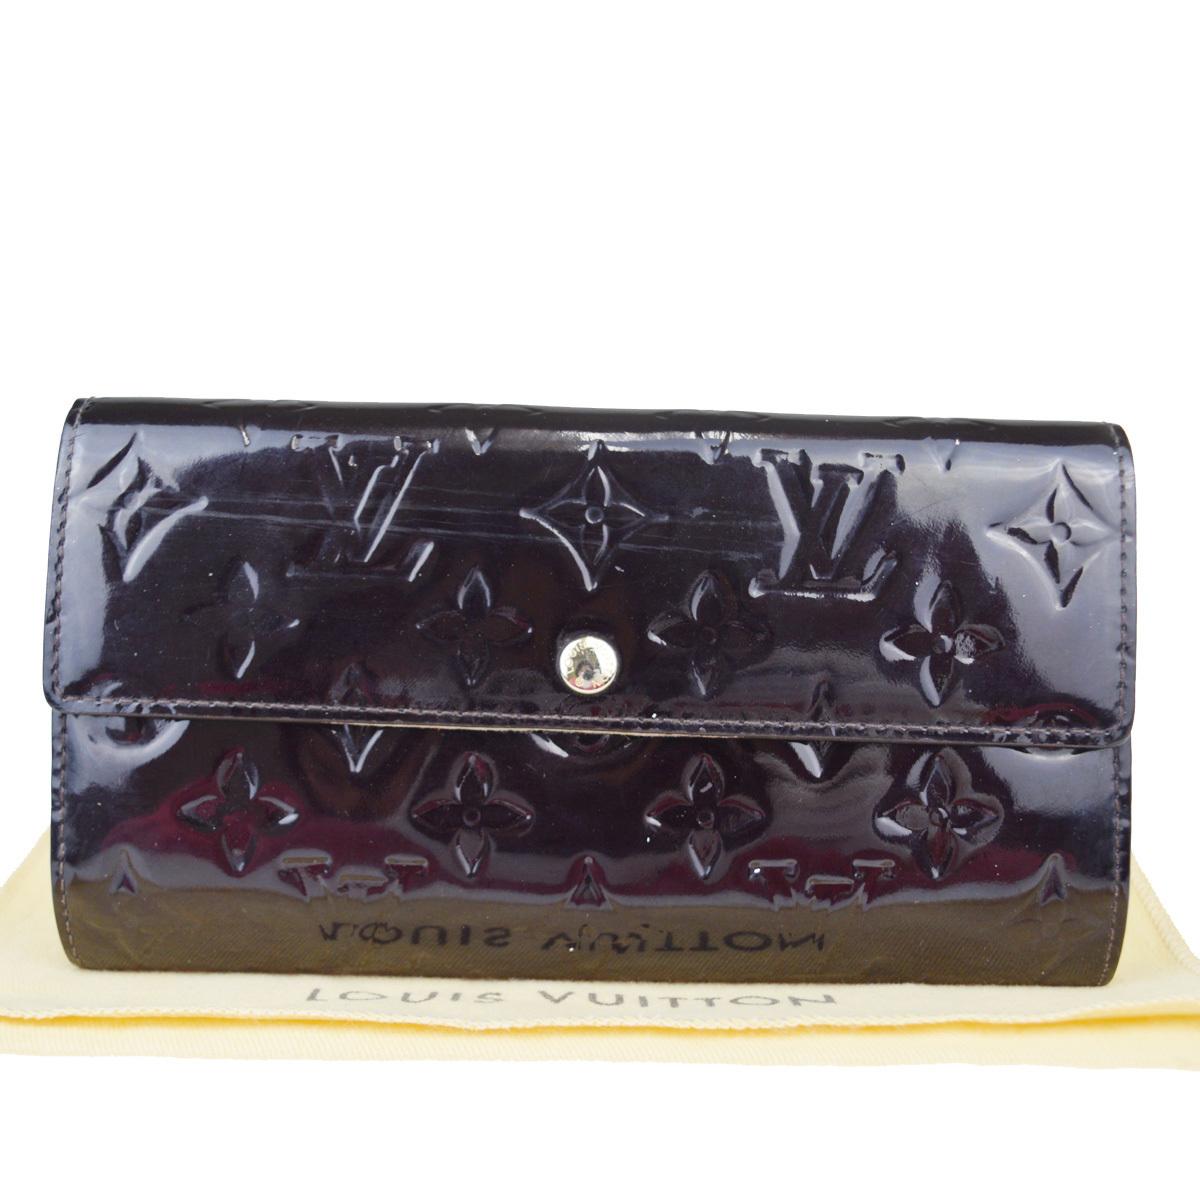 【中古】 ルイ・ヴィトン(Louis Vuitton) モノグラム ヴェルニ サラ M93524 モノグラムヴェルニ 長財布(二つ折り) アマラント 08FA570